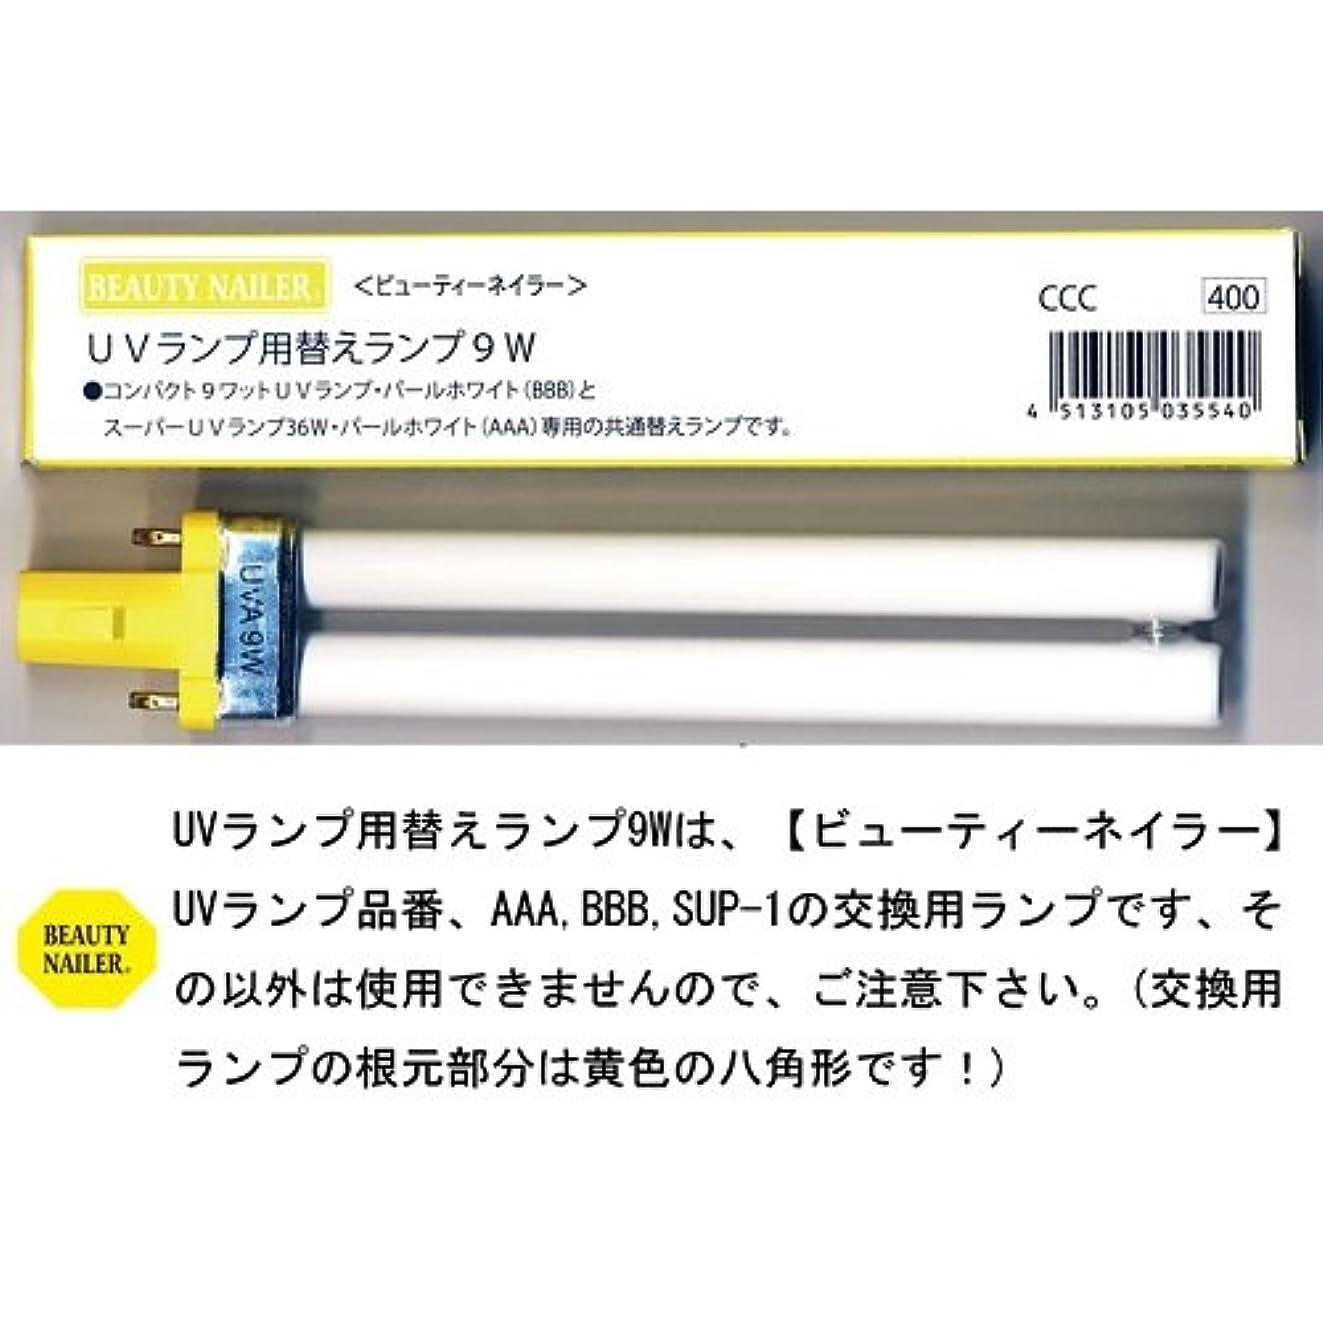 控えめなロイヤリティ雑多なビューティーネイラー 交換用UVランプ9W 4本セット CCC-4